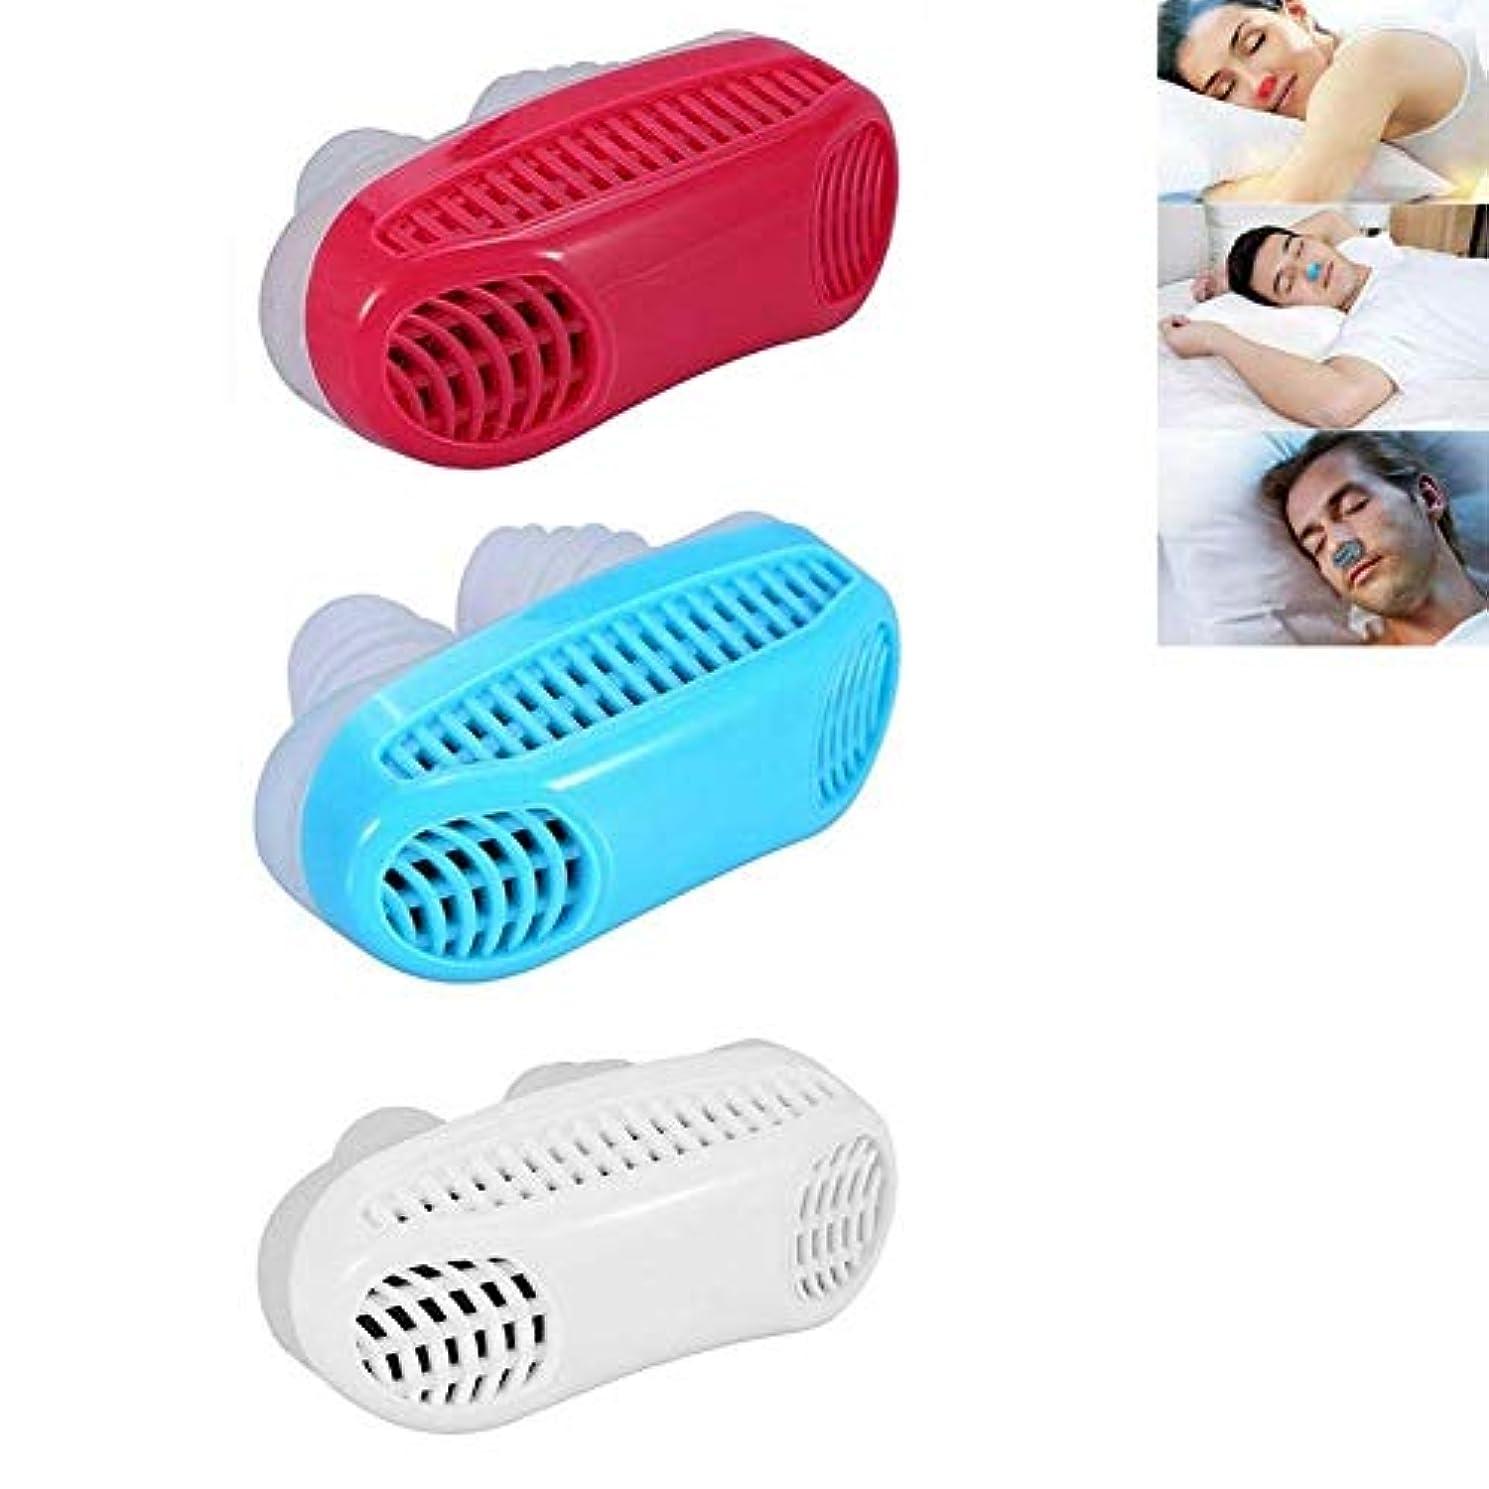 合理的勝利した元の3ピース安全ないびきエイズポータブルシリコーン抗いびき空気清浄機鼻いびきストップクリップ2-in-1健康睡眠ツール